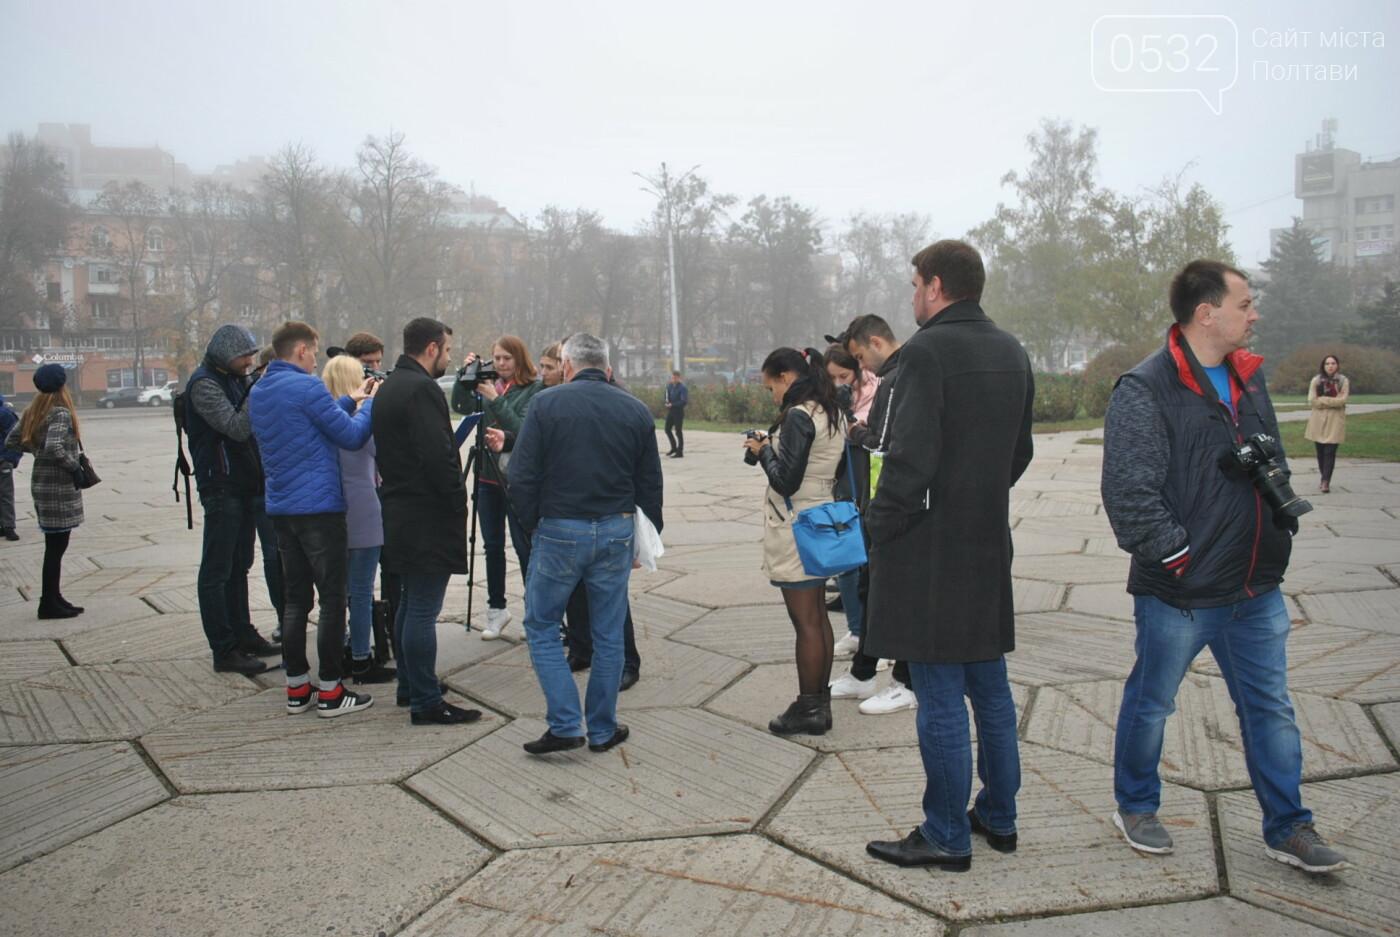 У Полтаві акція «Ні капітуляції!» зібрала більше журналістів, ніж протестувальників (ФОТО), фото-3